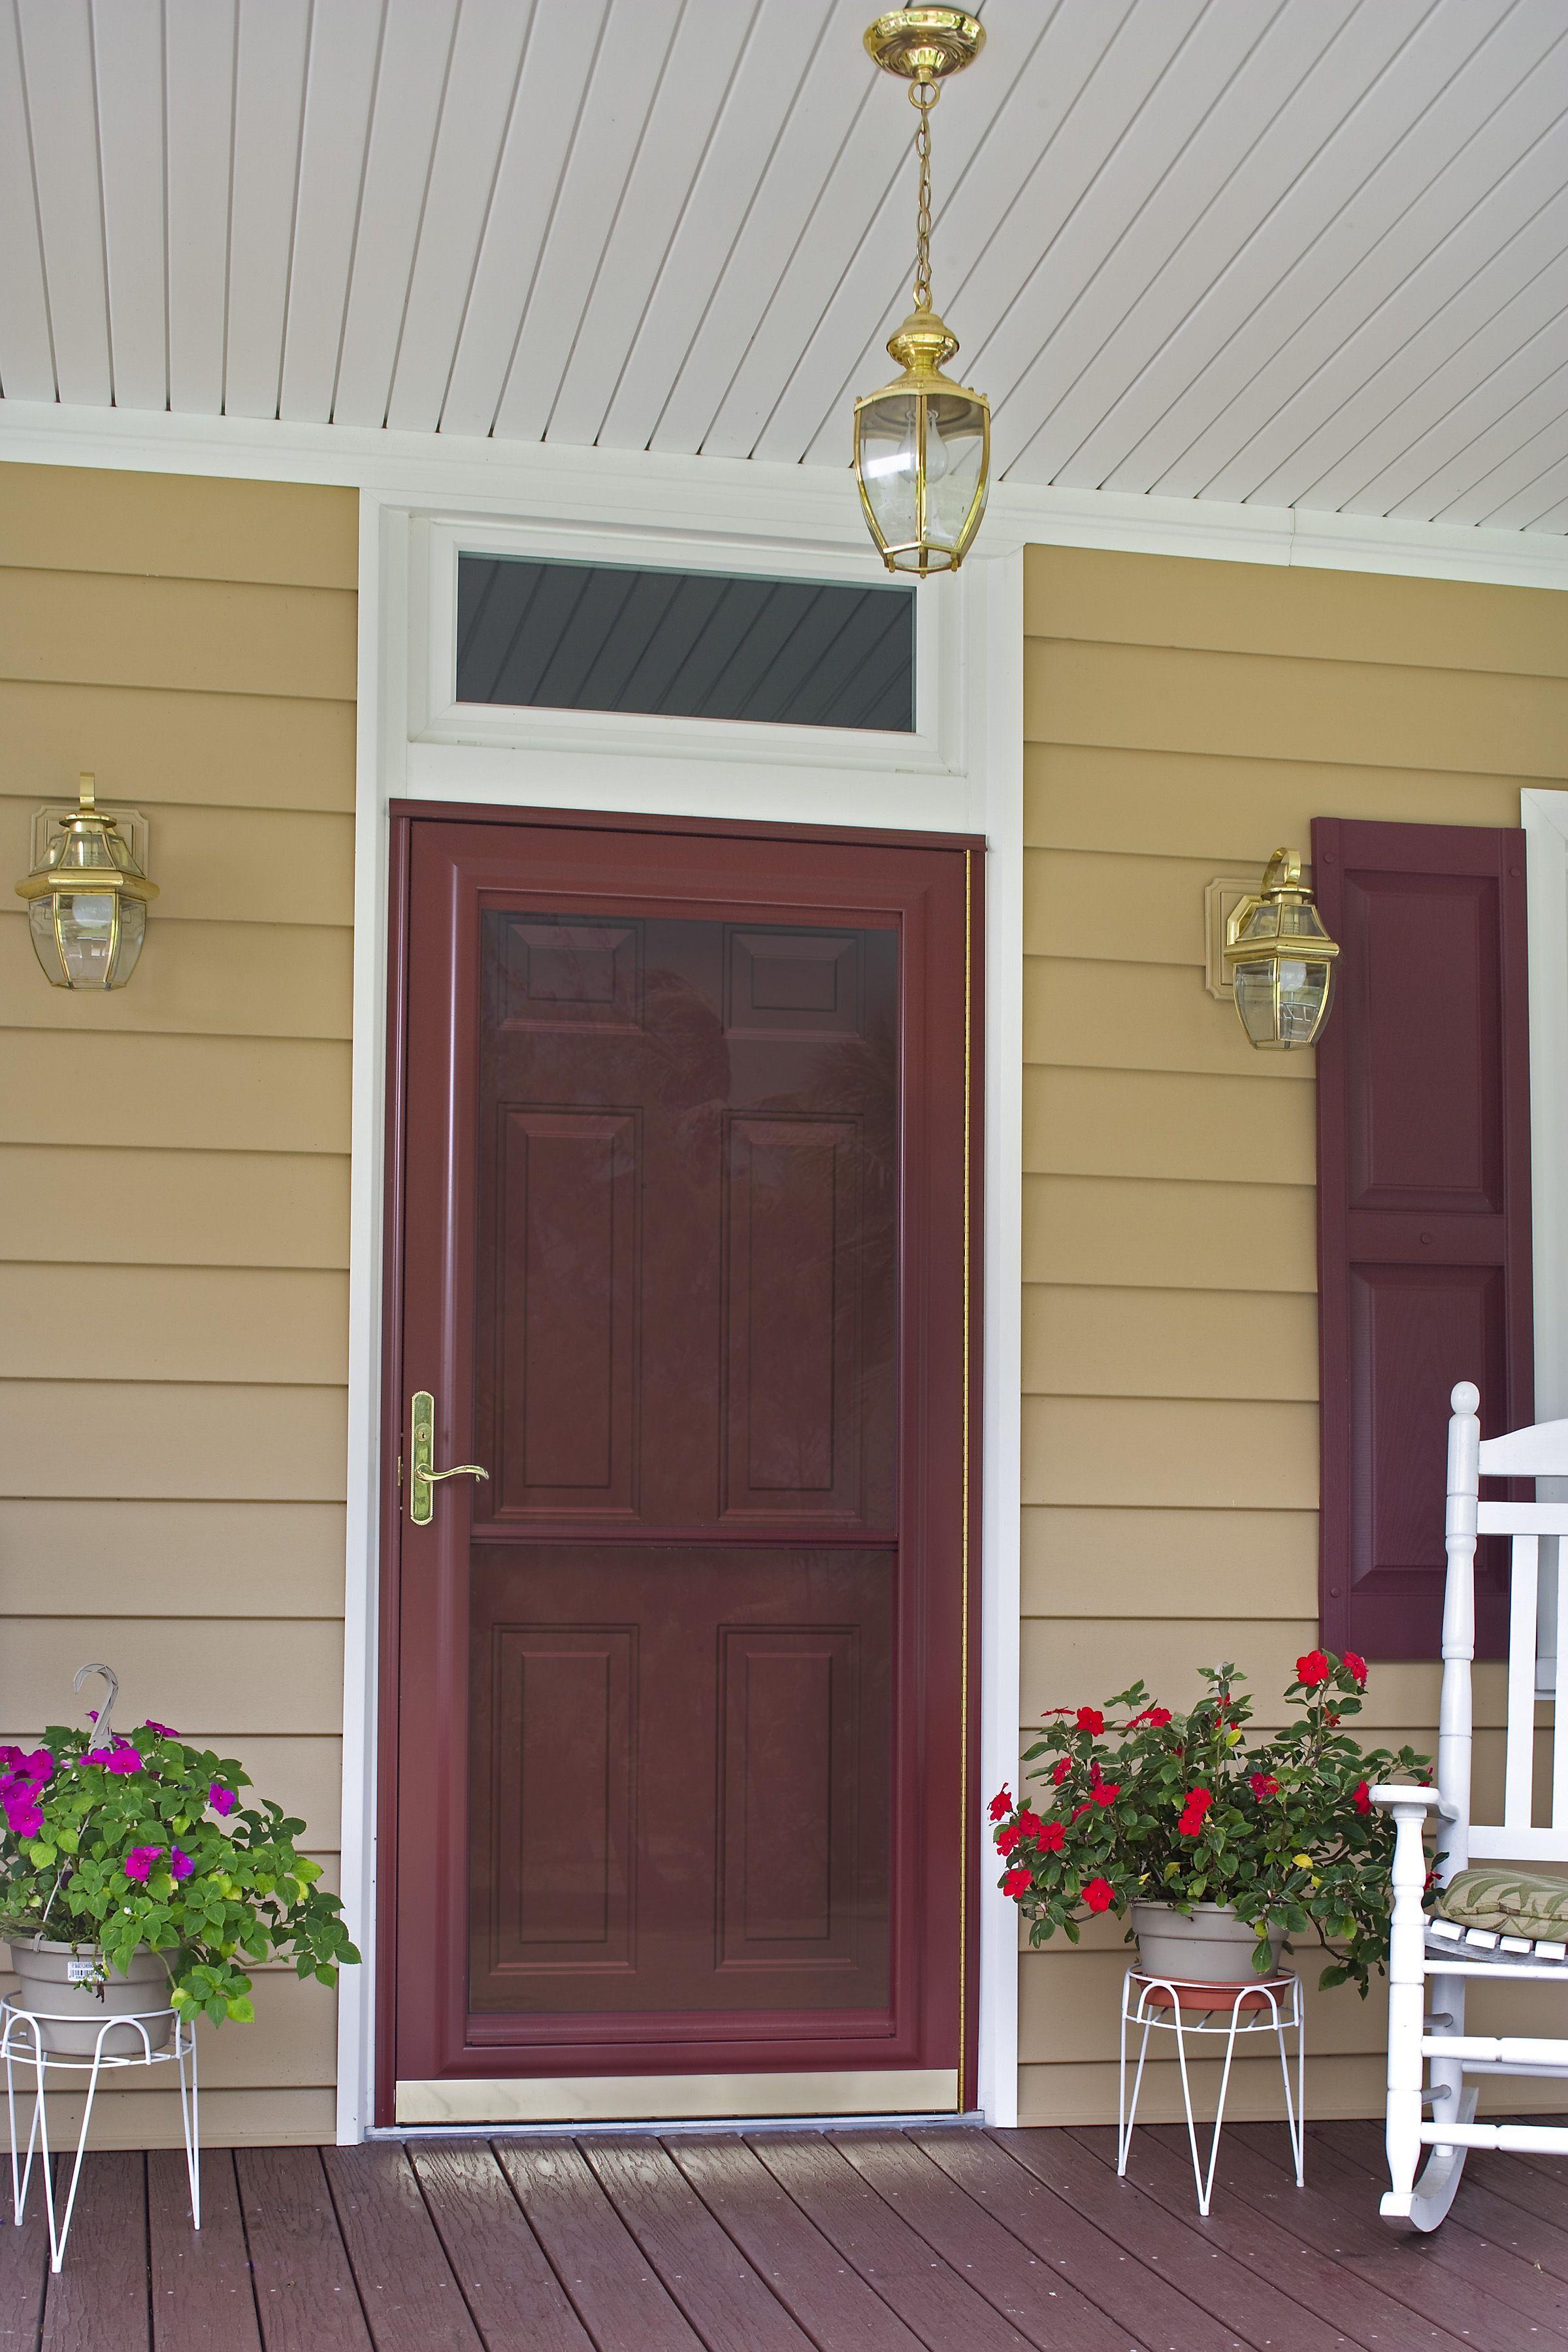 ProVia Spectrum Storm Door & ProVia Spectrum Storm Door | Open Sesame | Pinterest | Storm doors ...